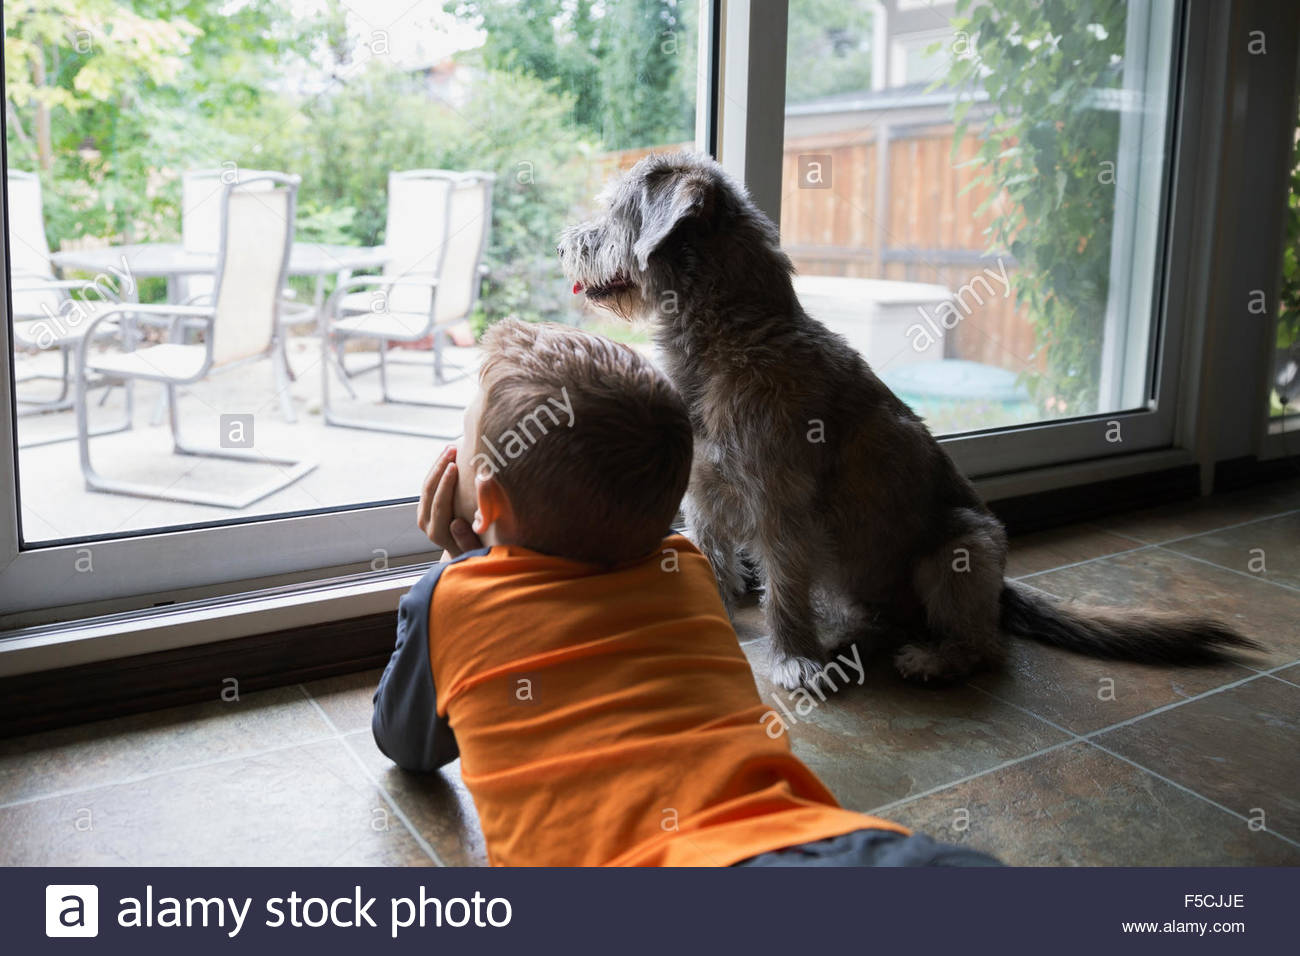 La pose en garçon curieux patio fenêtre avec chien Photo Stock